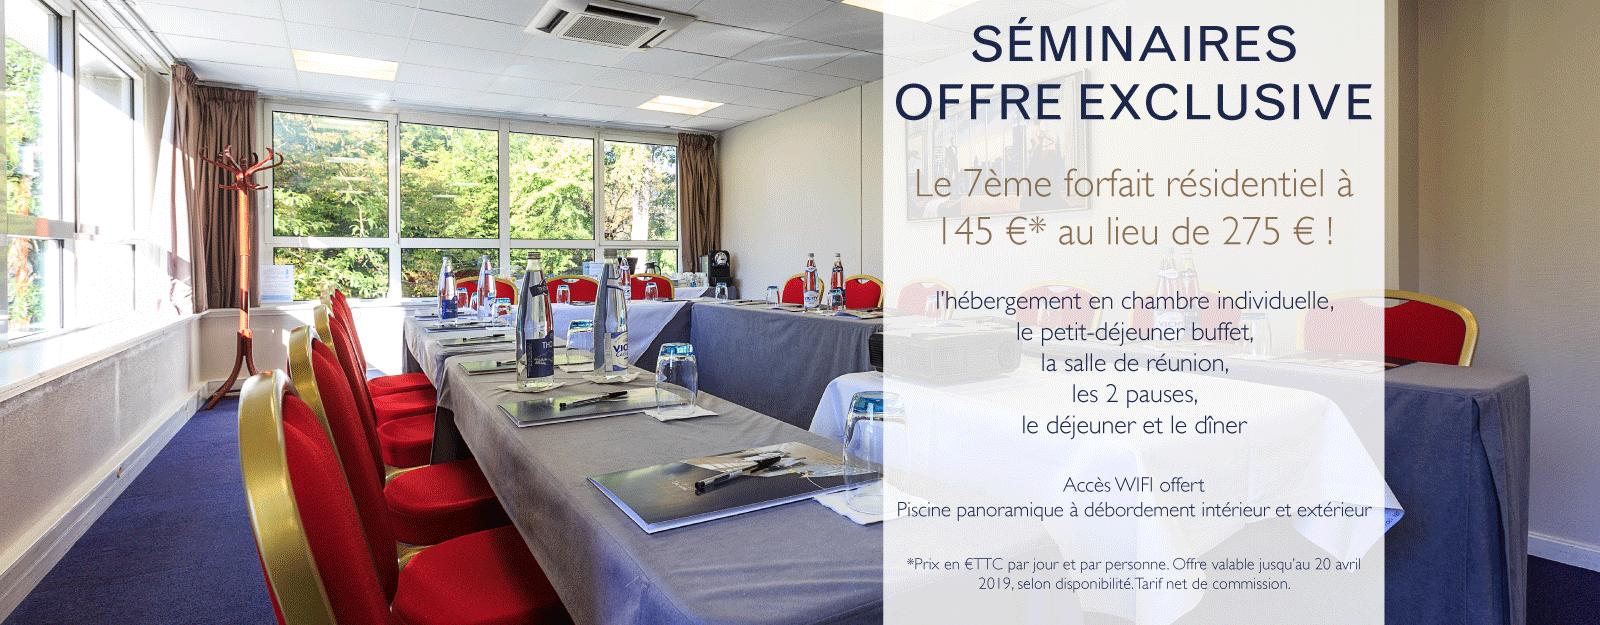 Offre exclusive Séminaire au Vichy Célestins Spa Hôtel